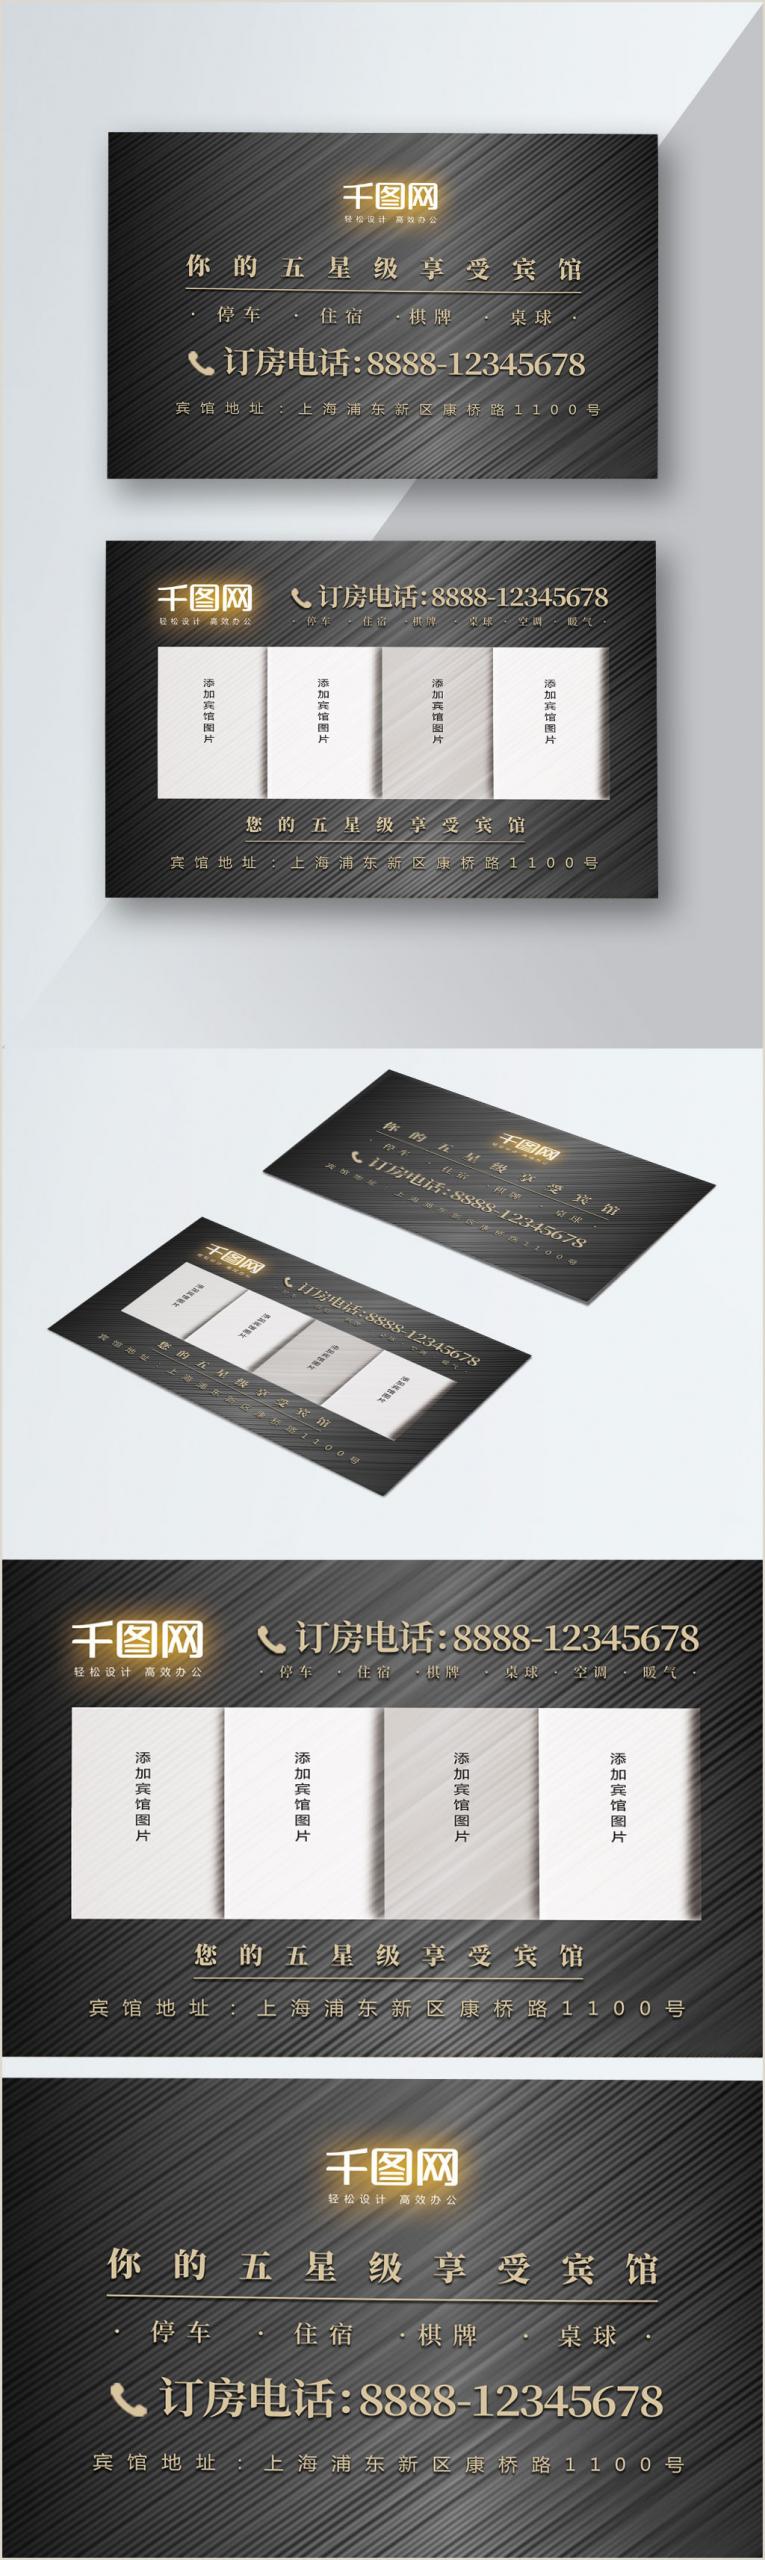 Unique Tea Shop Business Cards Tea Shop Business Card Picture Template Image Picture Free